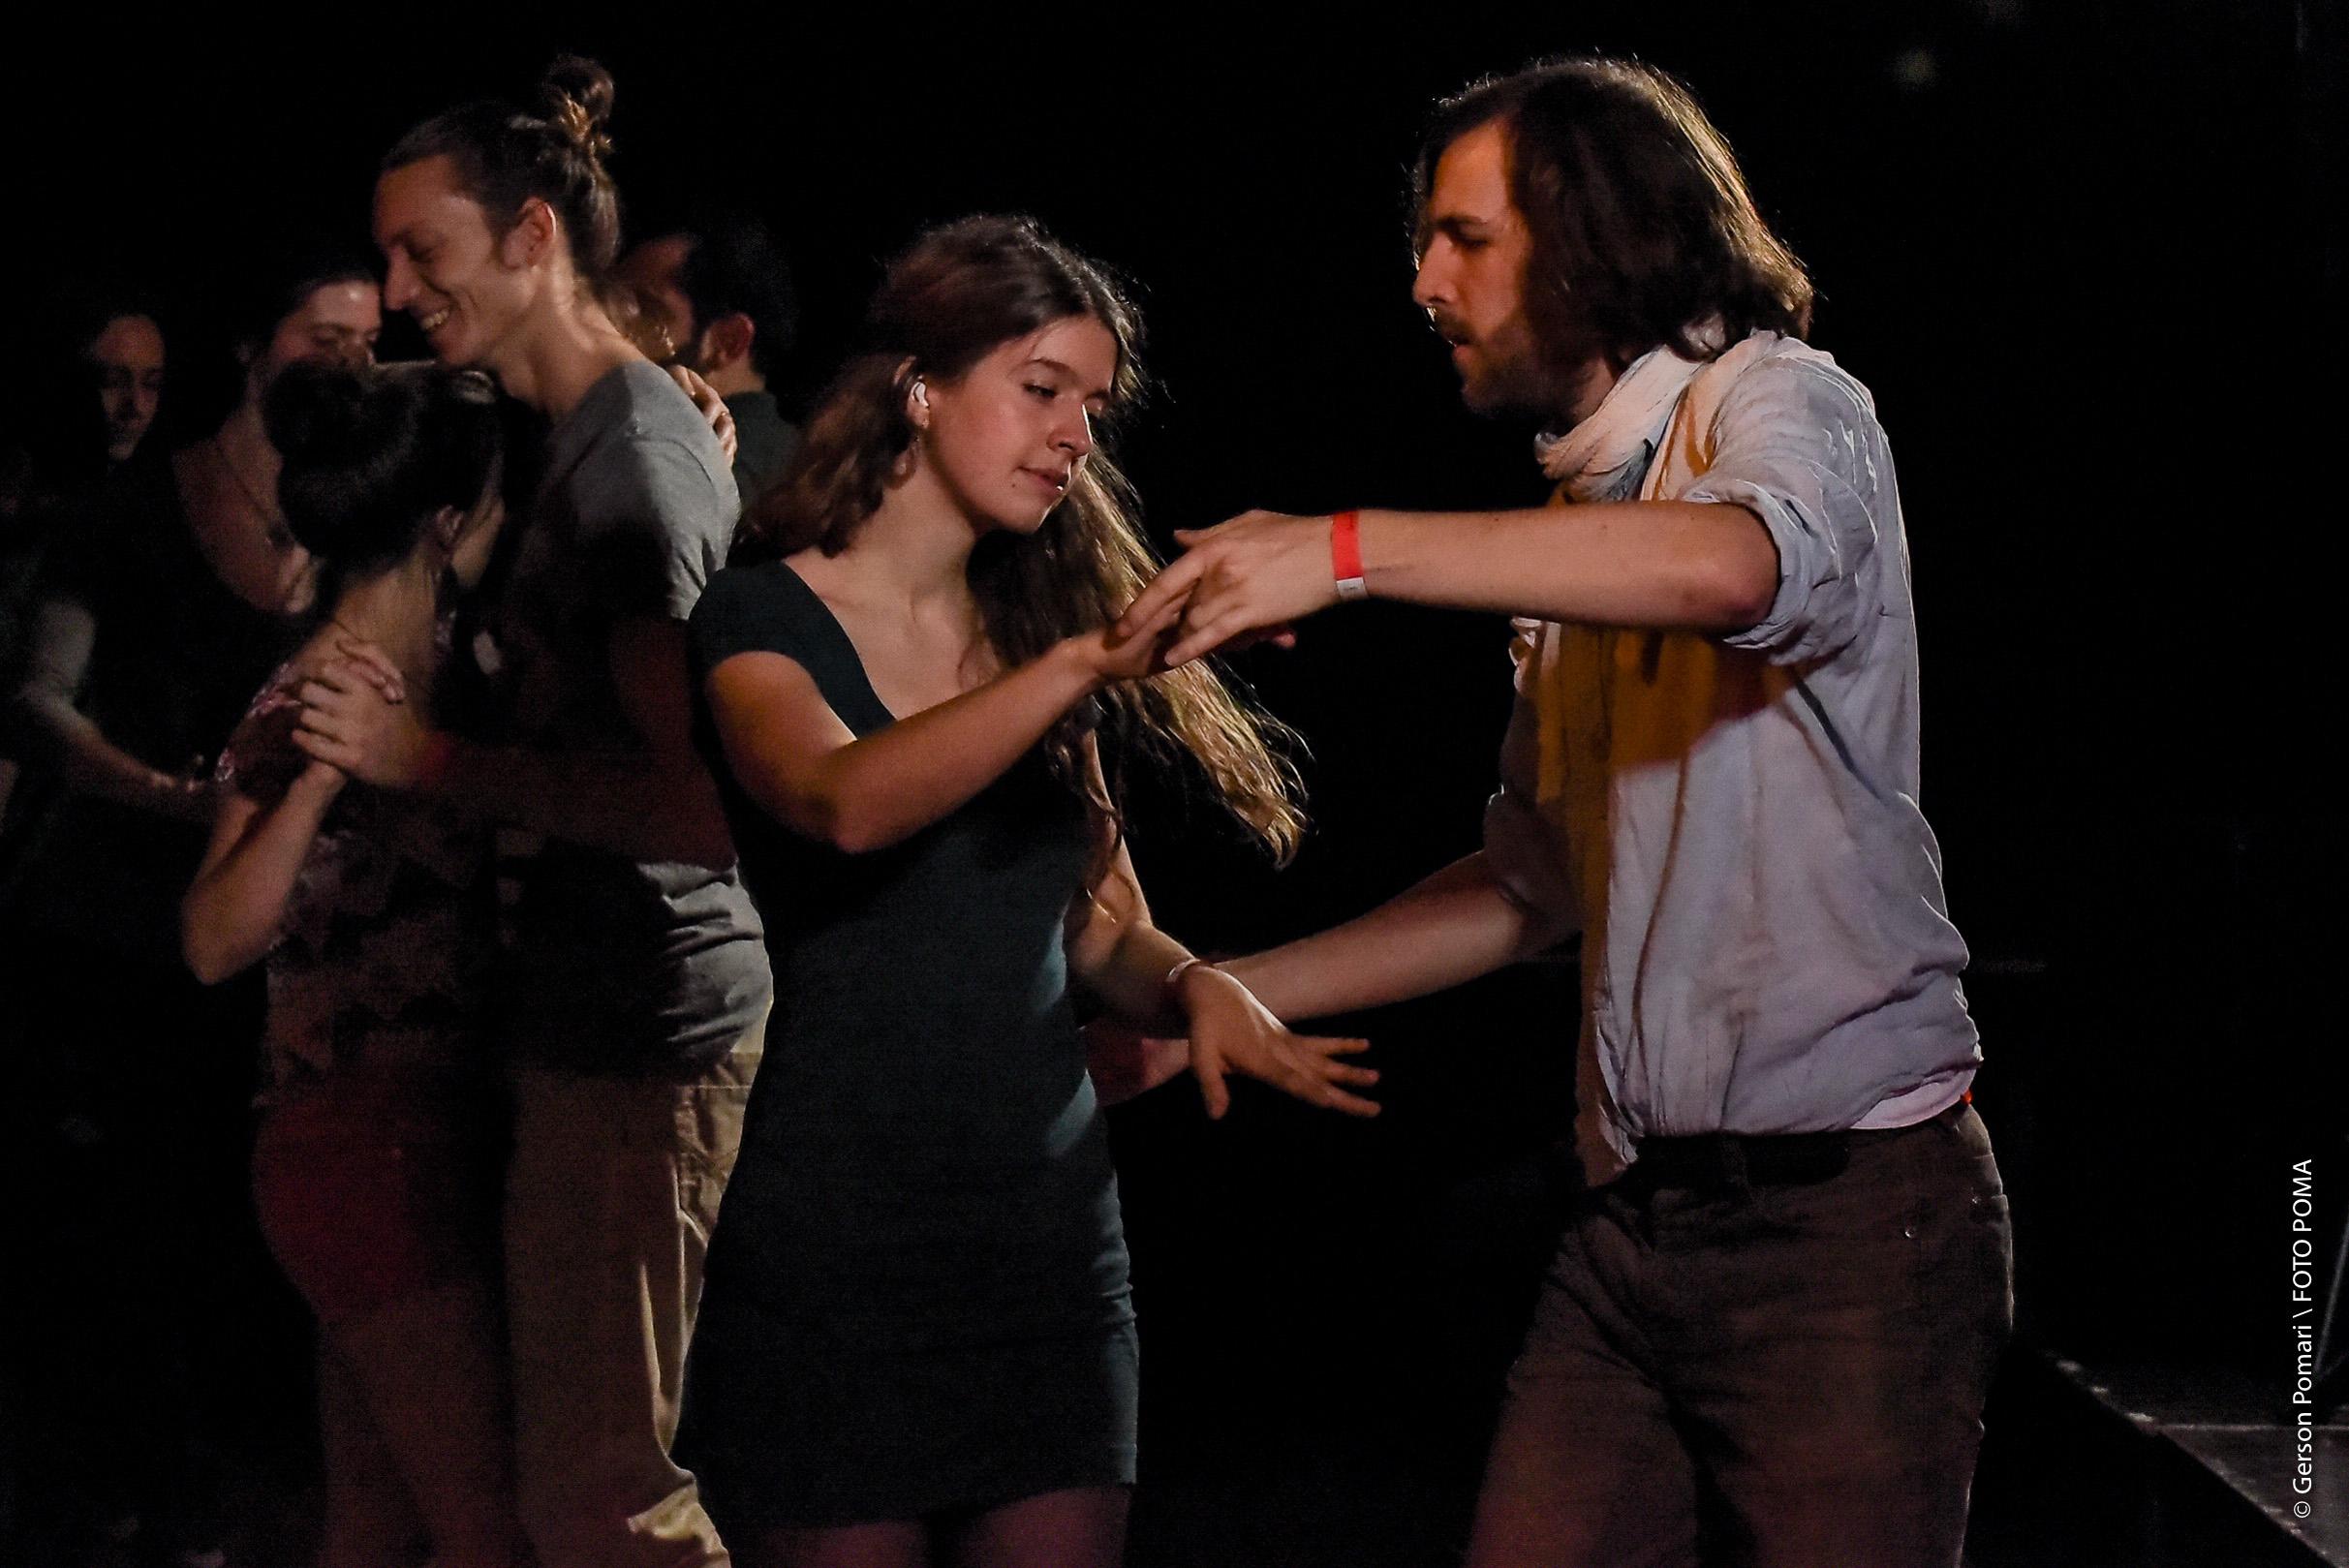 forro-festival-forrozin-freiburg-2017---bild-von-gerson-pomari-63_40057405090_o